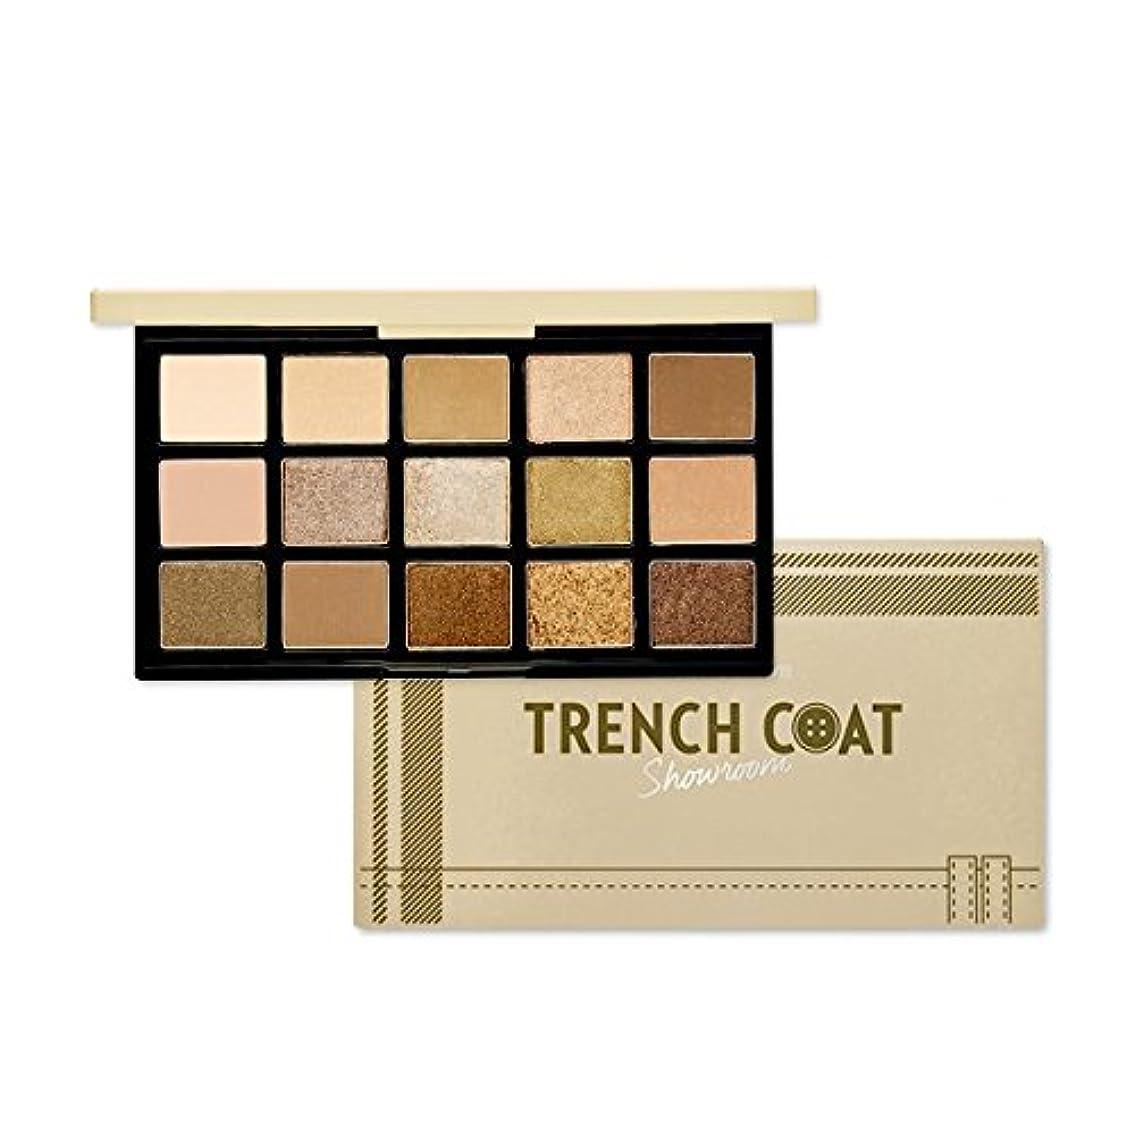 見分ける不良依存ETUDE HOUSE Play Color Eye Palette - Trench coat Showroom/エチュードハウスプレイカラーアイパレット - トレンチコートショールーム [並行輸入品]